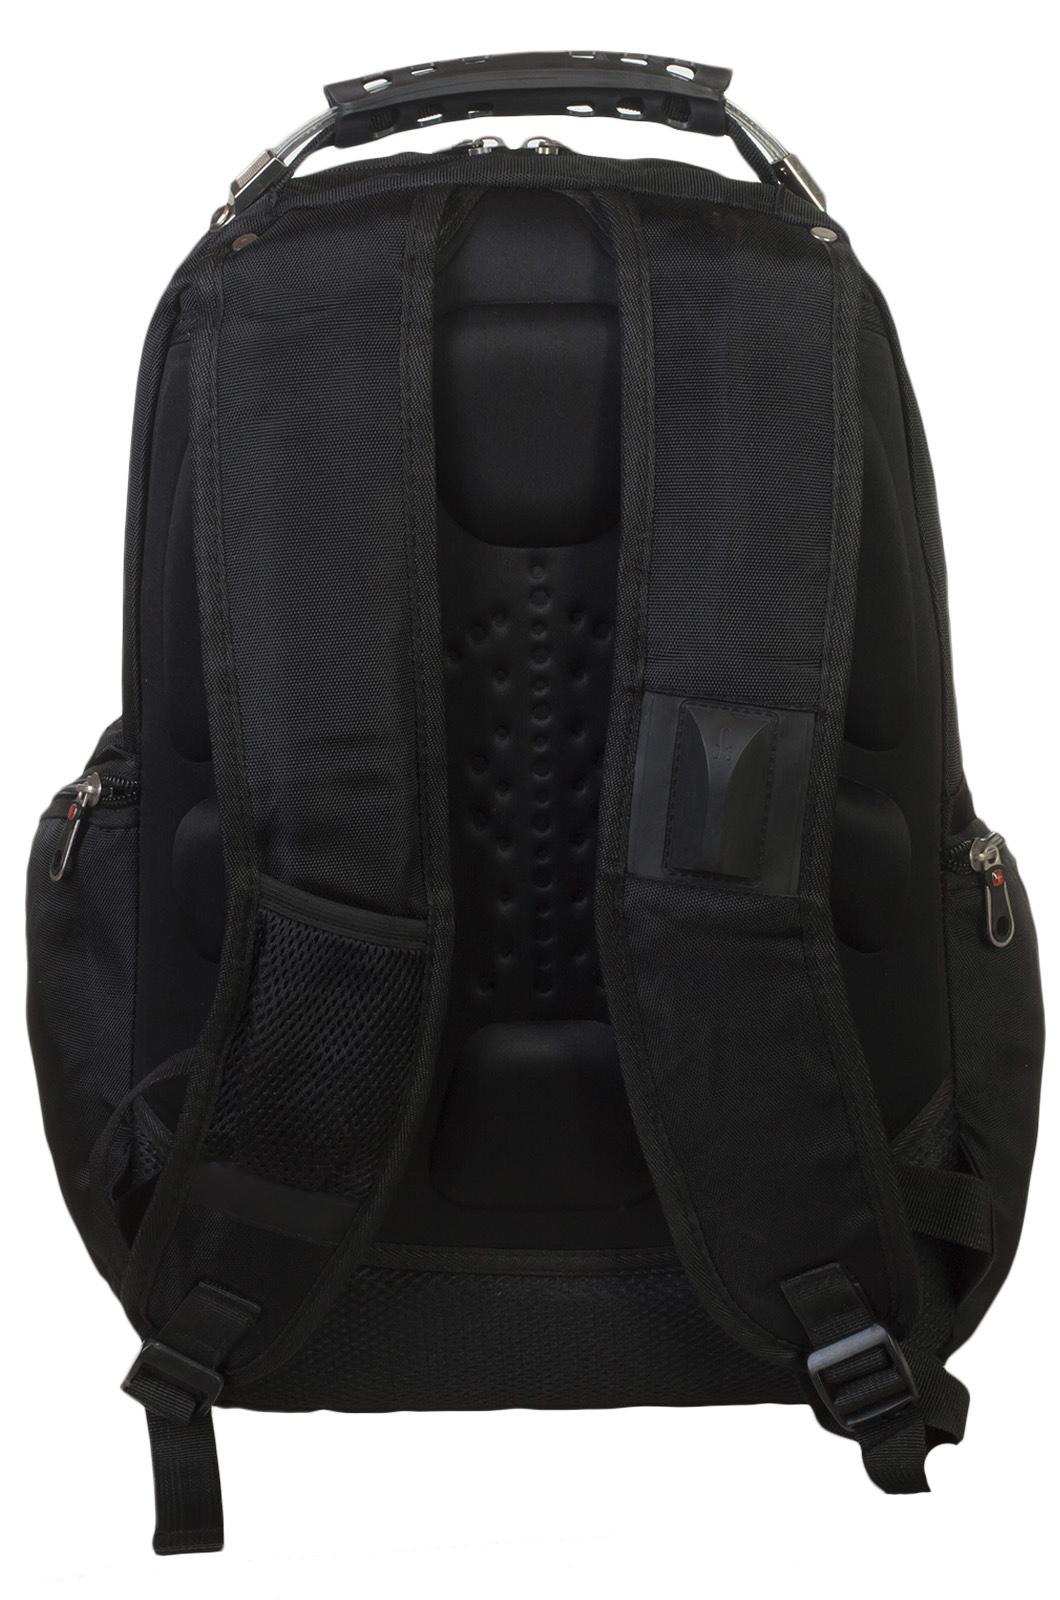 Многофункциональный городской рюкзак с нашивкой Слава Руси купить онлайн